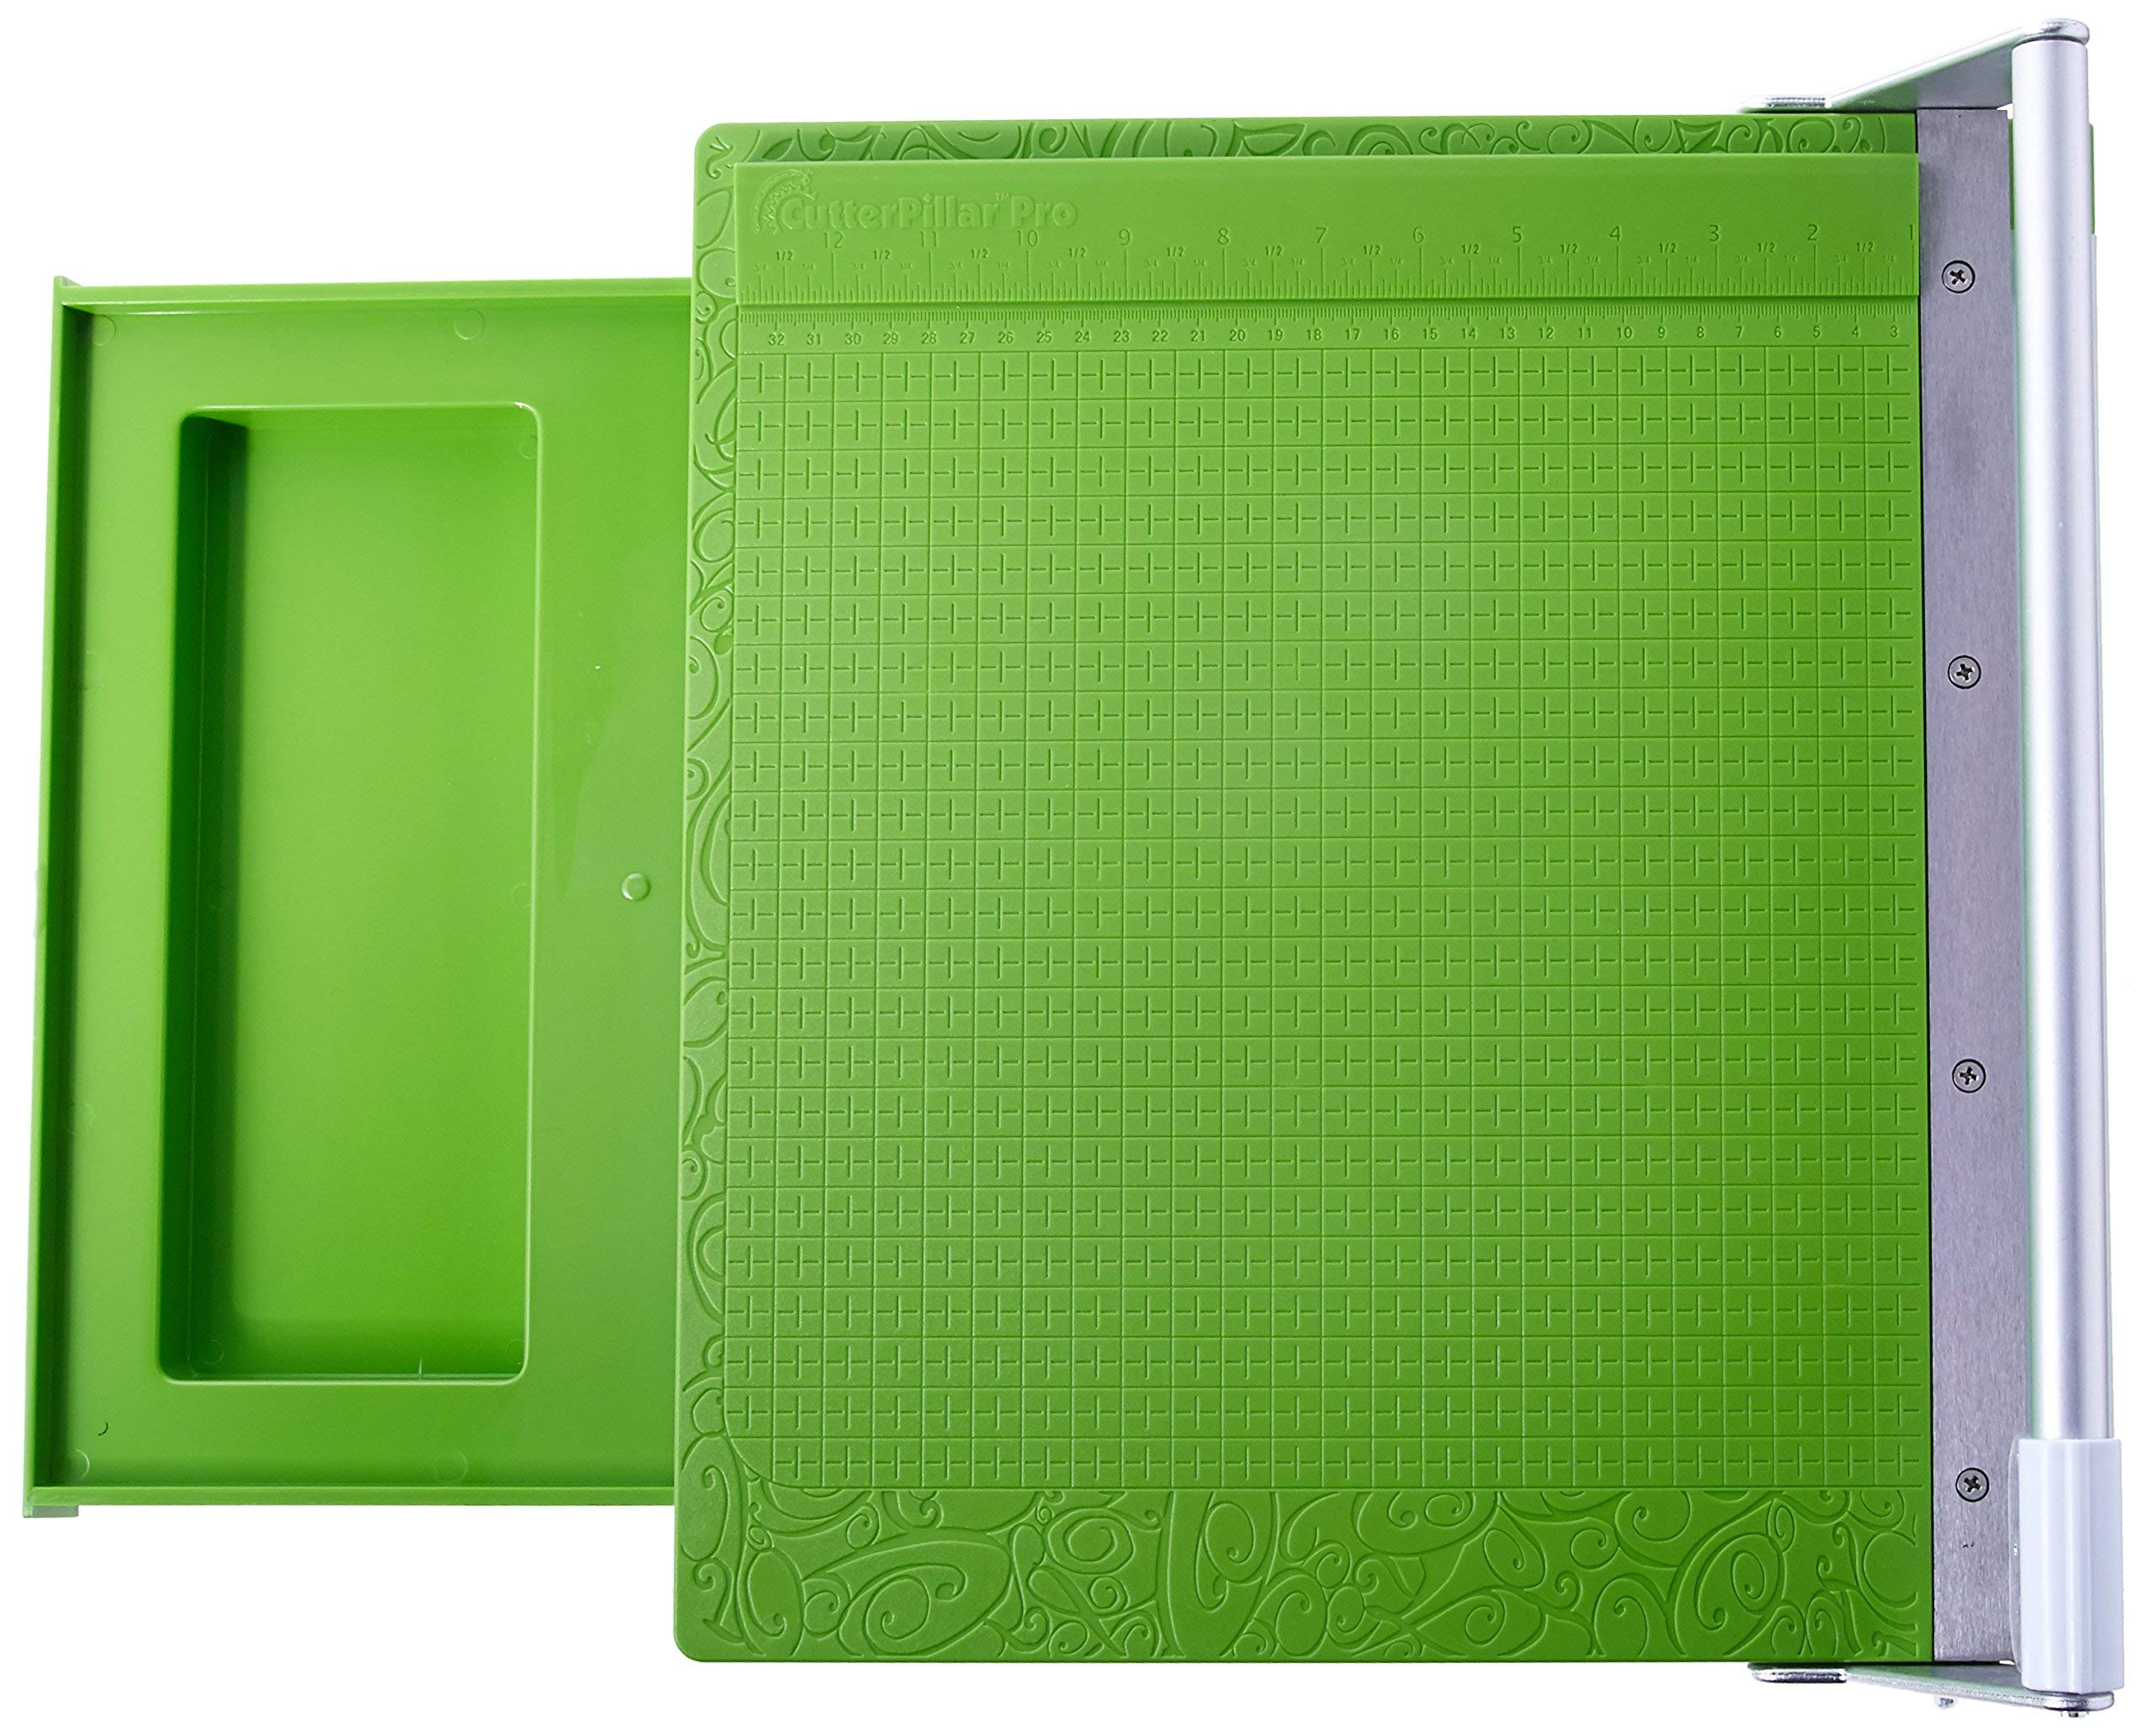 CutterPillar Pro ABS Paper Trimmer by Cutterpillar